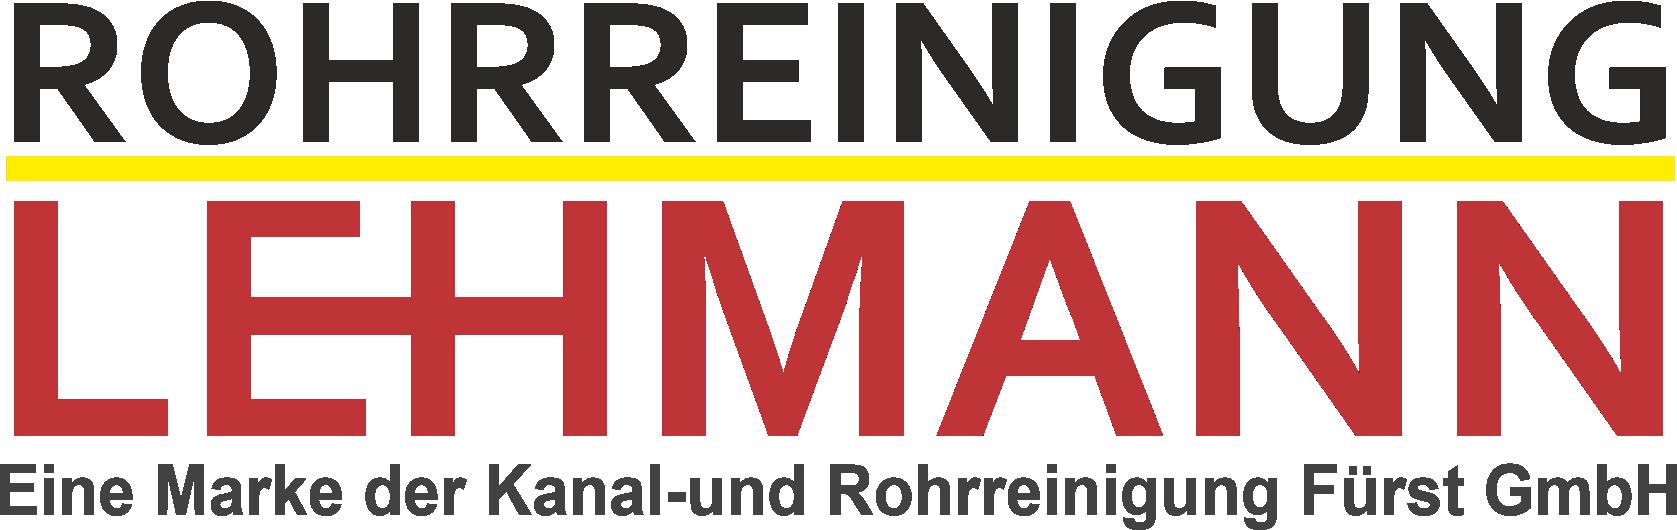 Rohrreinigung Lehmann